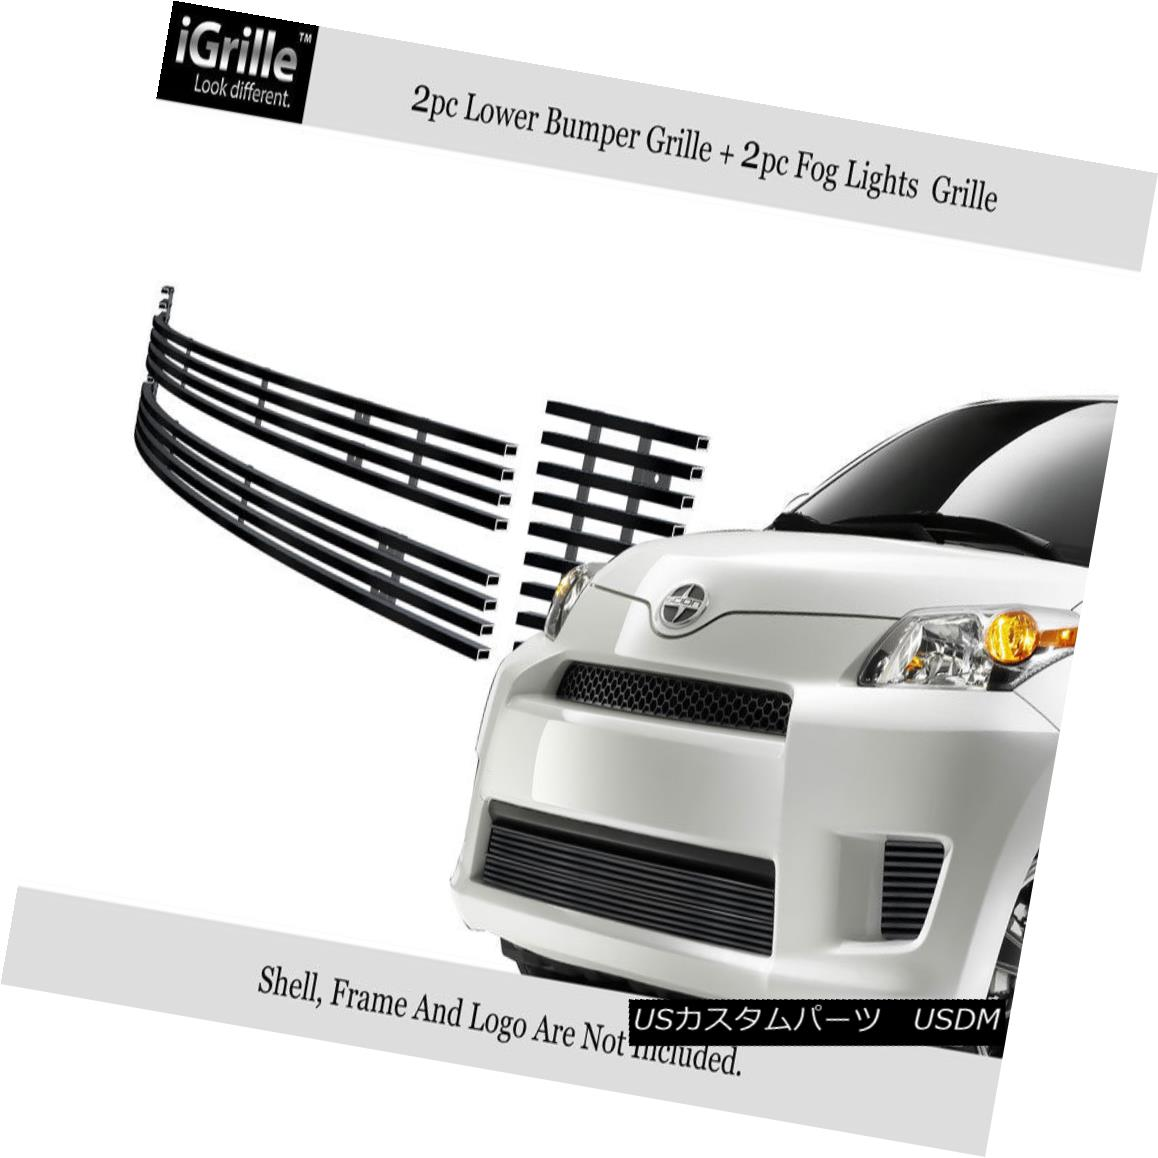 グリル Fits 2007-2011 Scion XD Black Bumper Stainless Steel Billet Grille Insert 2007-2011シオンXDブラックバンパーステンレススチールビレットグリルインサート